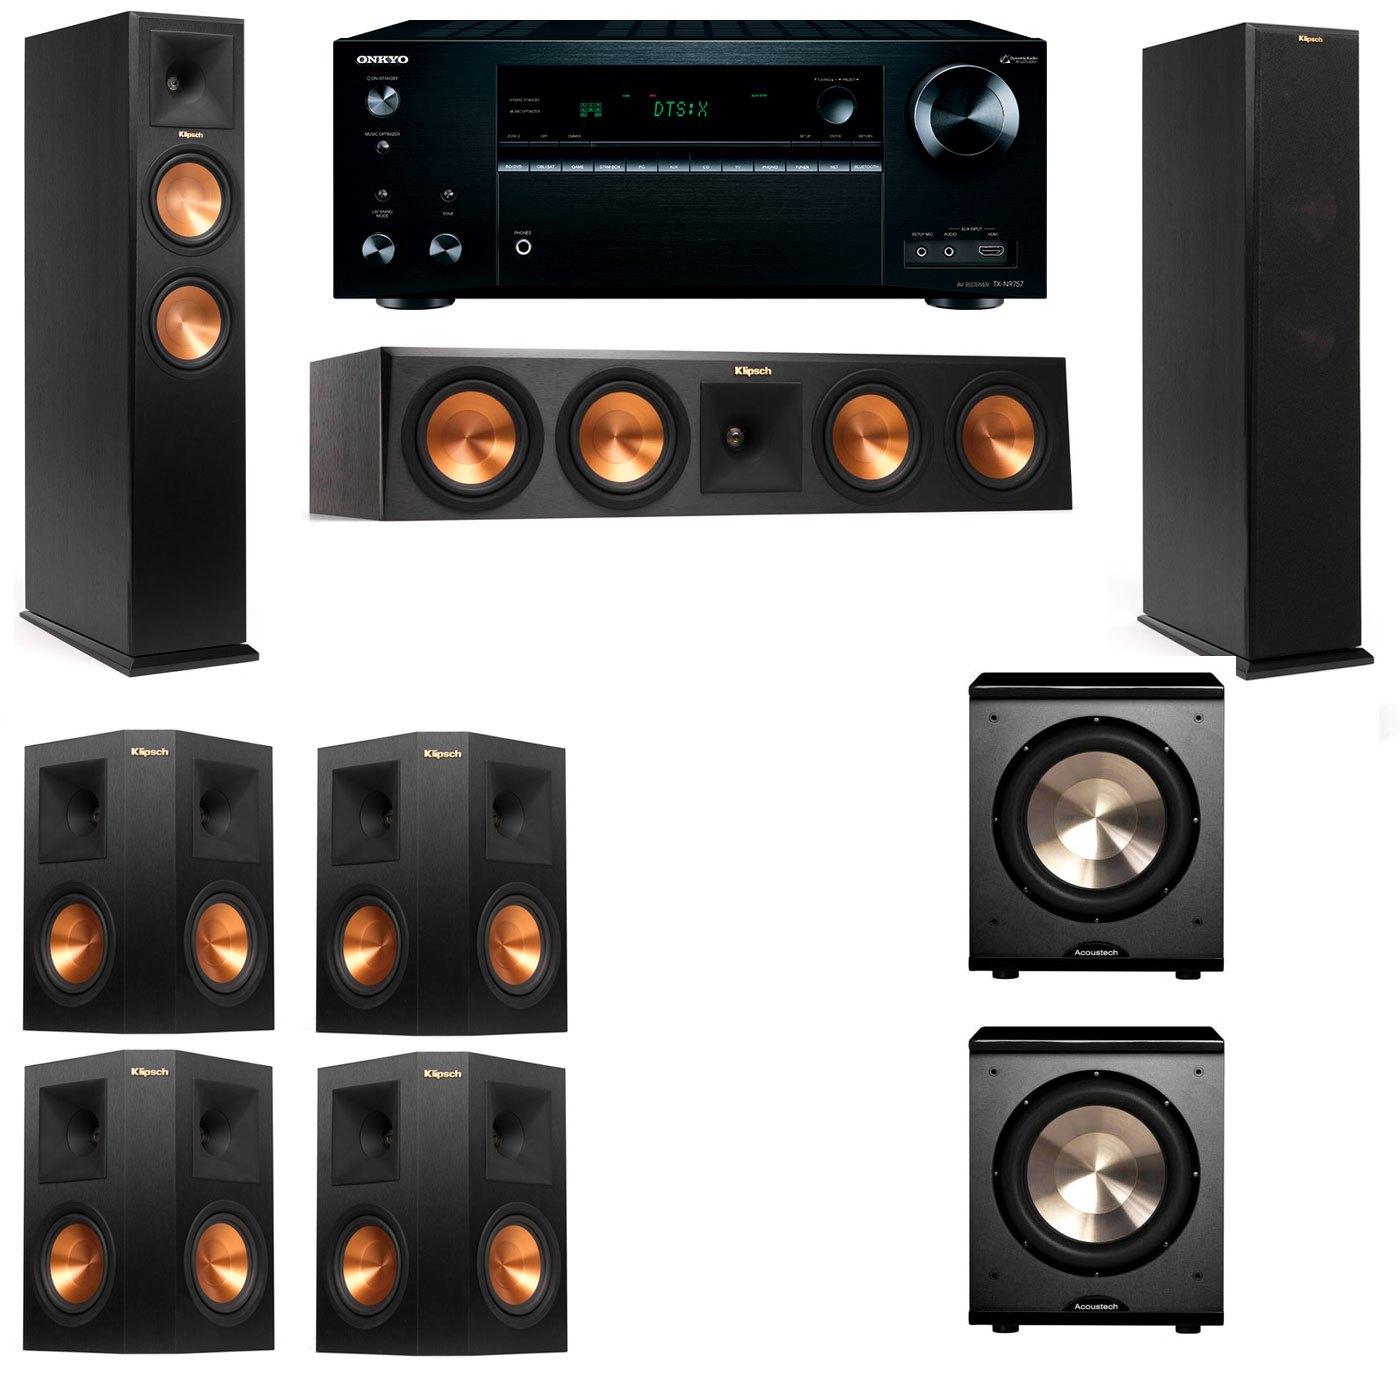 Klipsch RP-250F Tower Speakers-PL-200-7.2-Onkyo TX-NR757